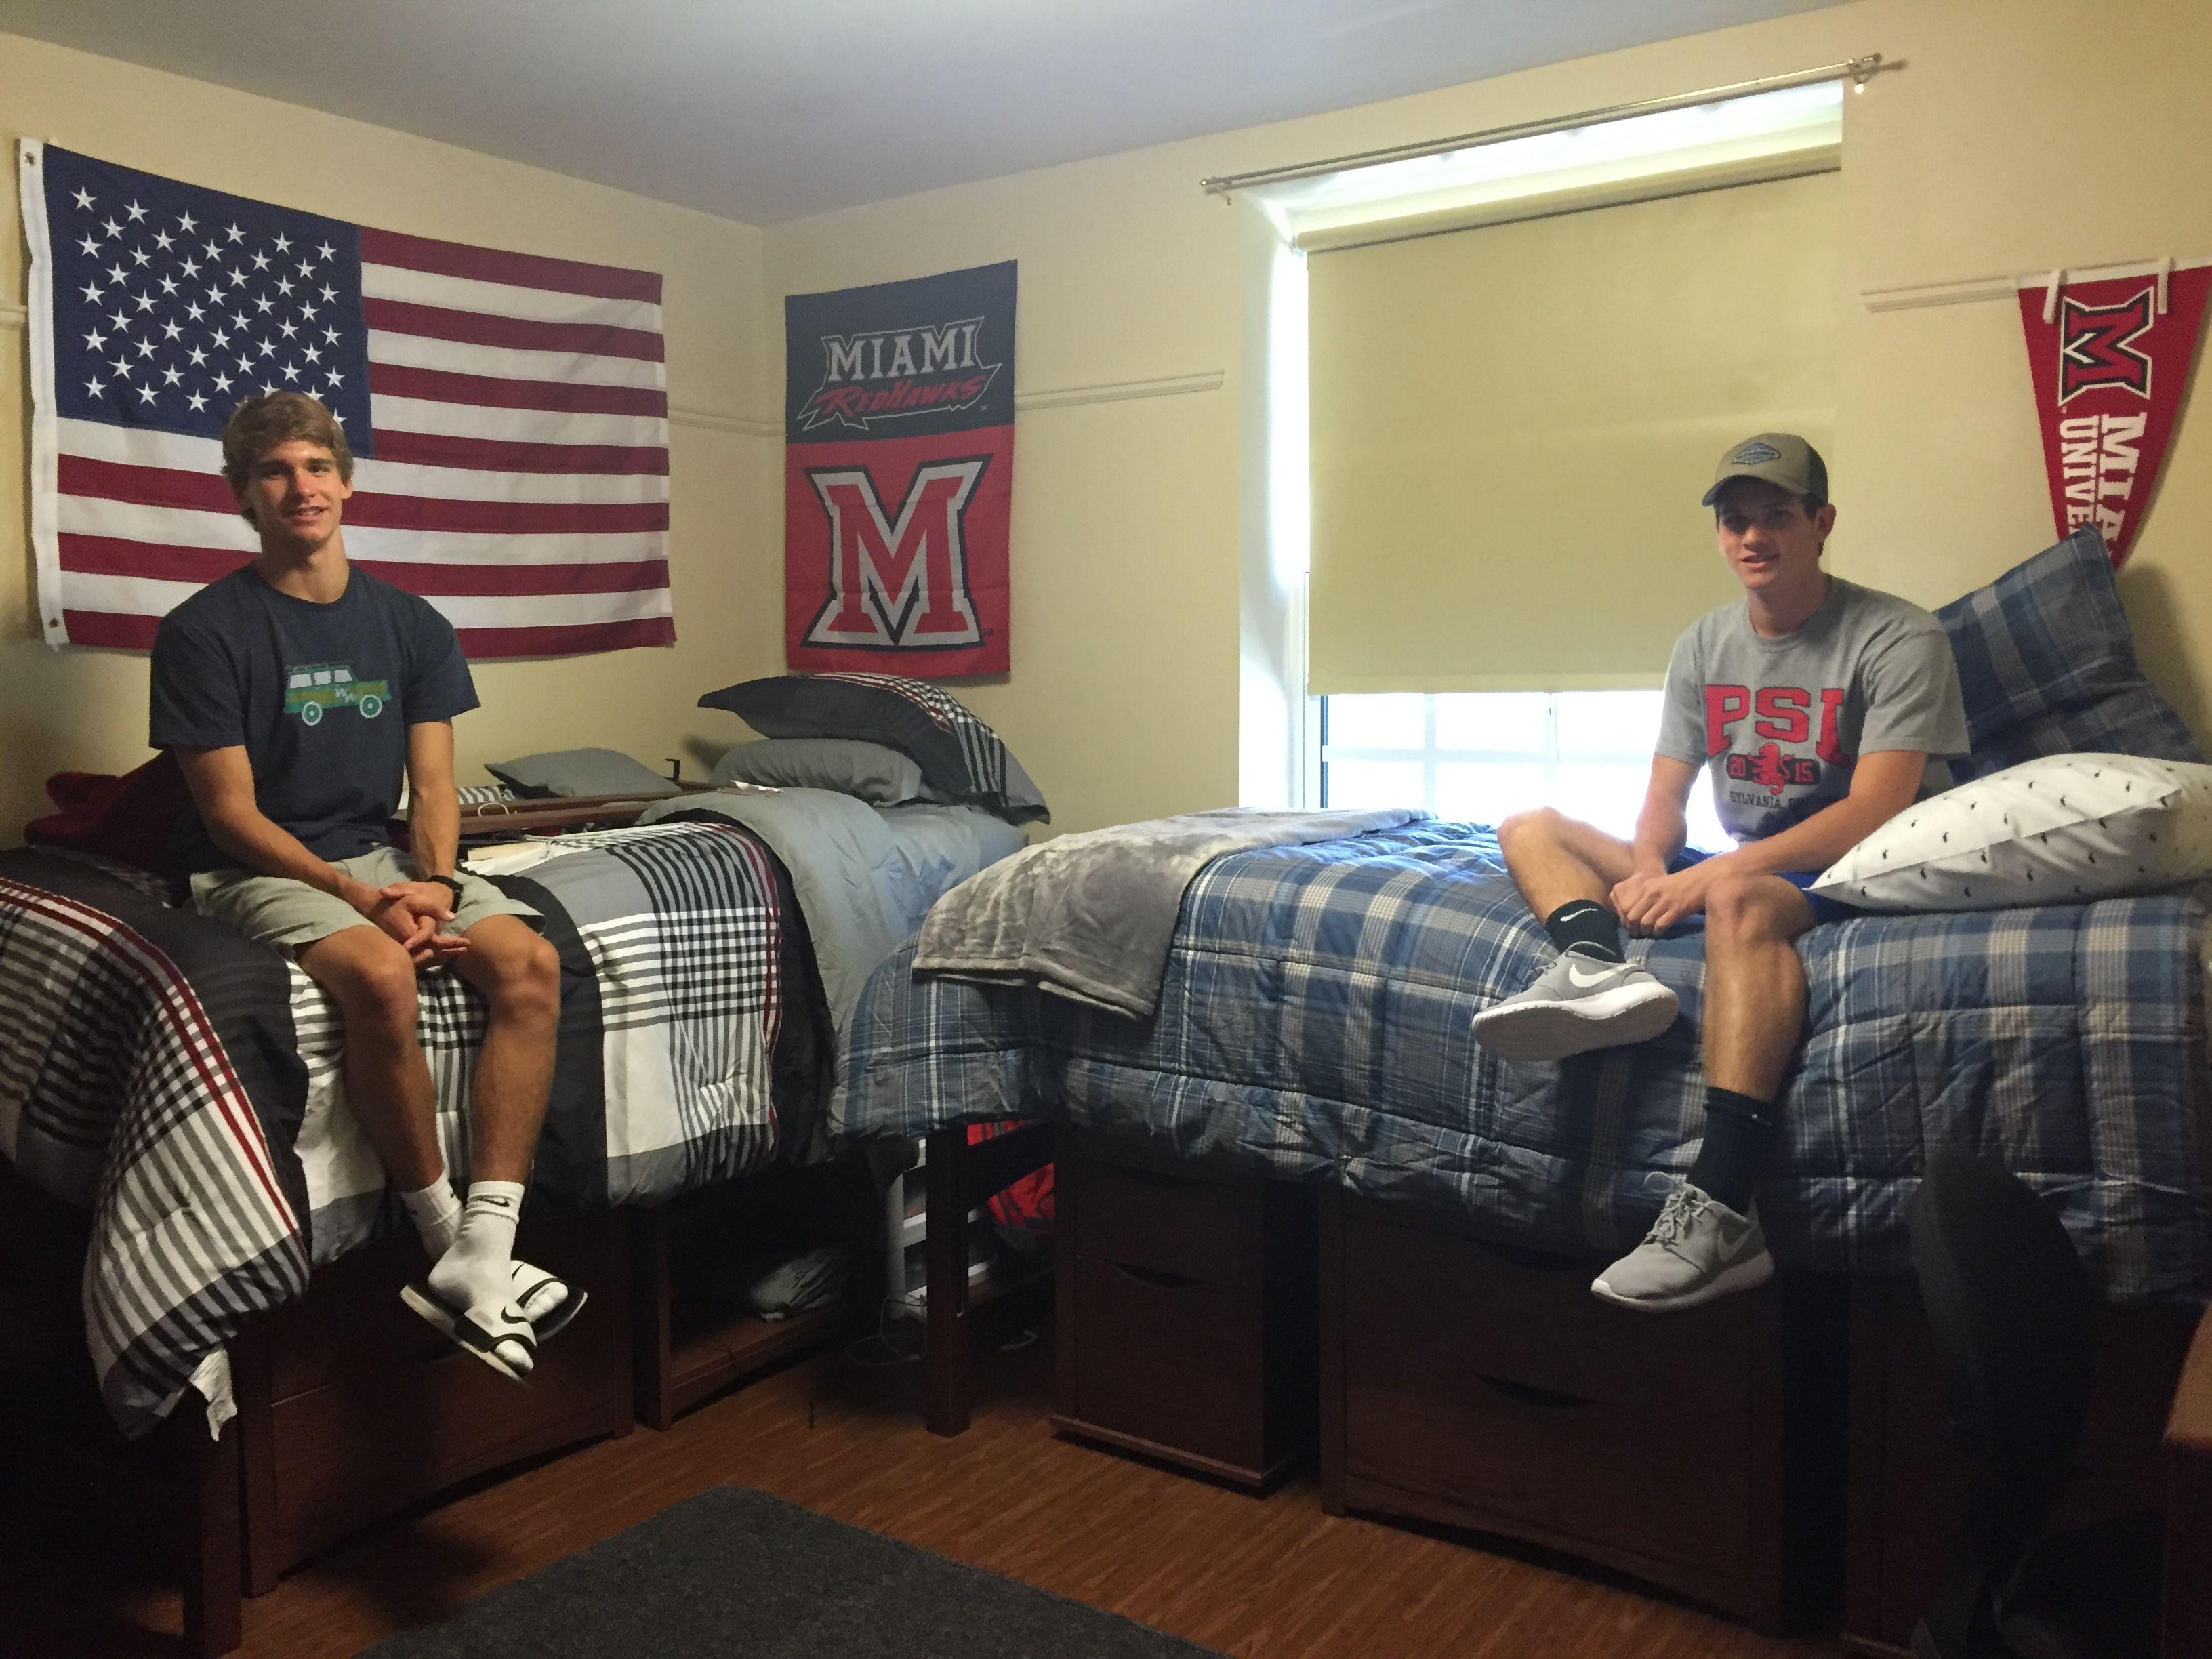 35167956_img_1886.jpg 3,264×2,448 pixels | Boys dorm room ...